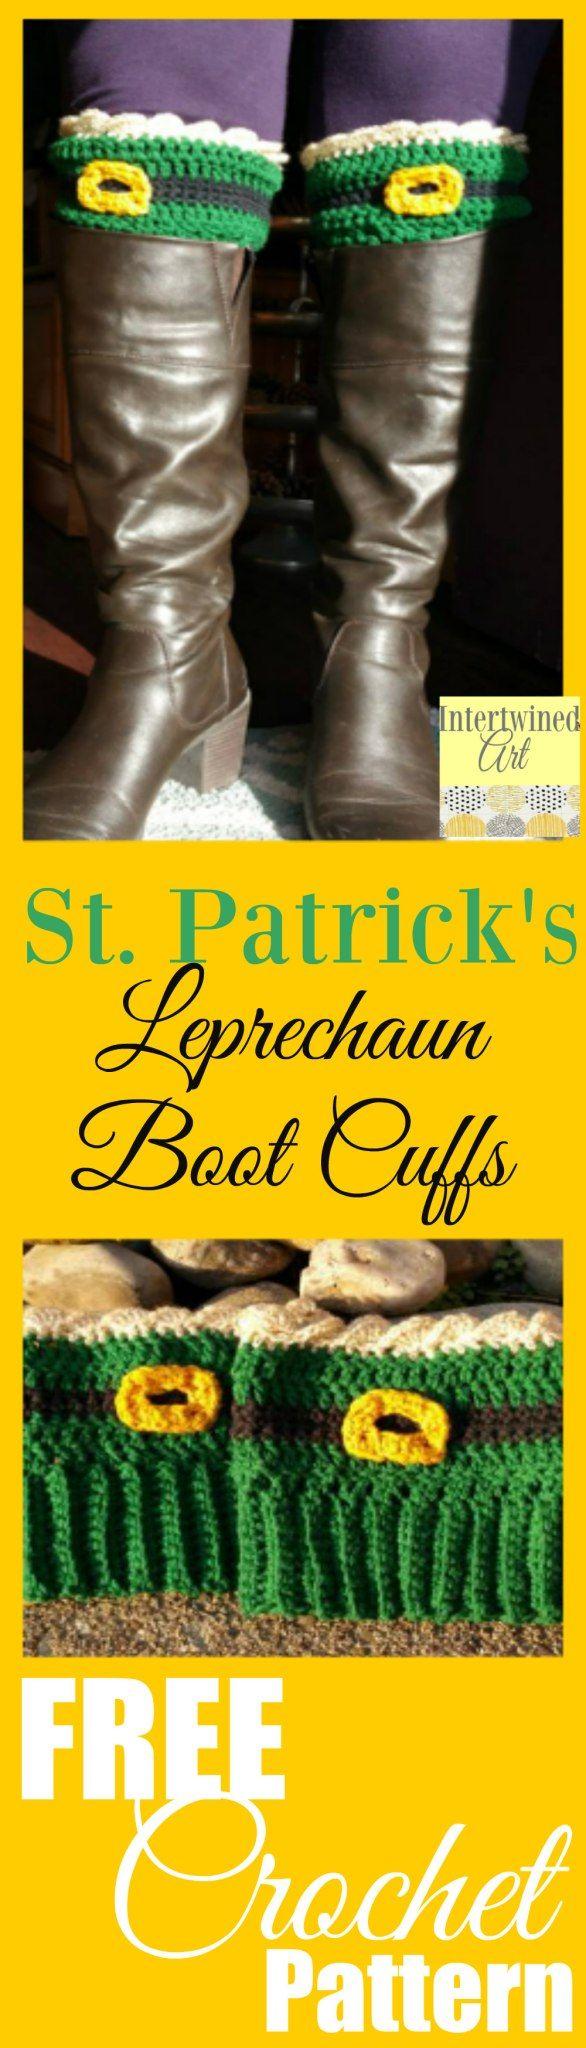 St. Patrick's Day Leprechaun Crochet Boot Cuffs #bootcuffs